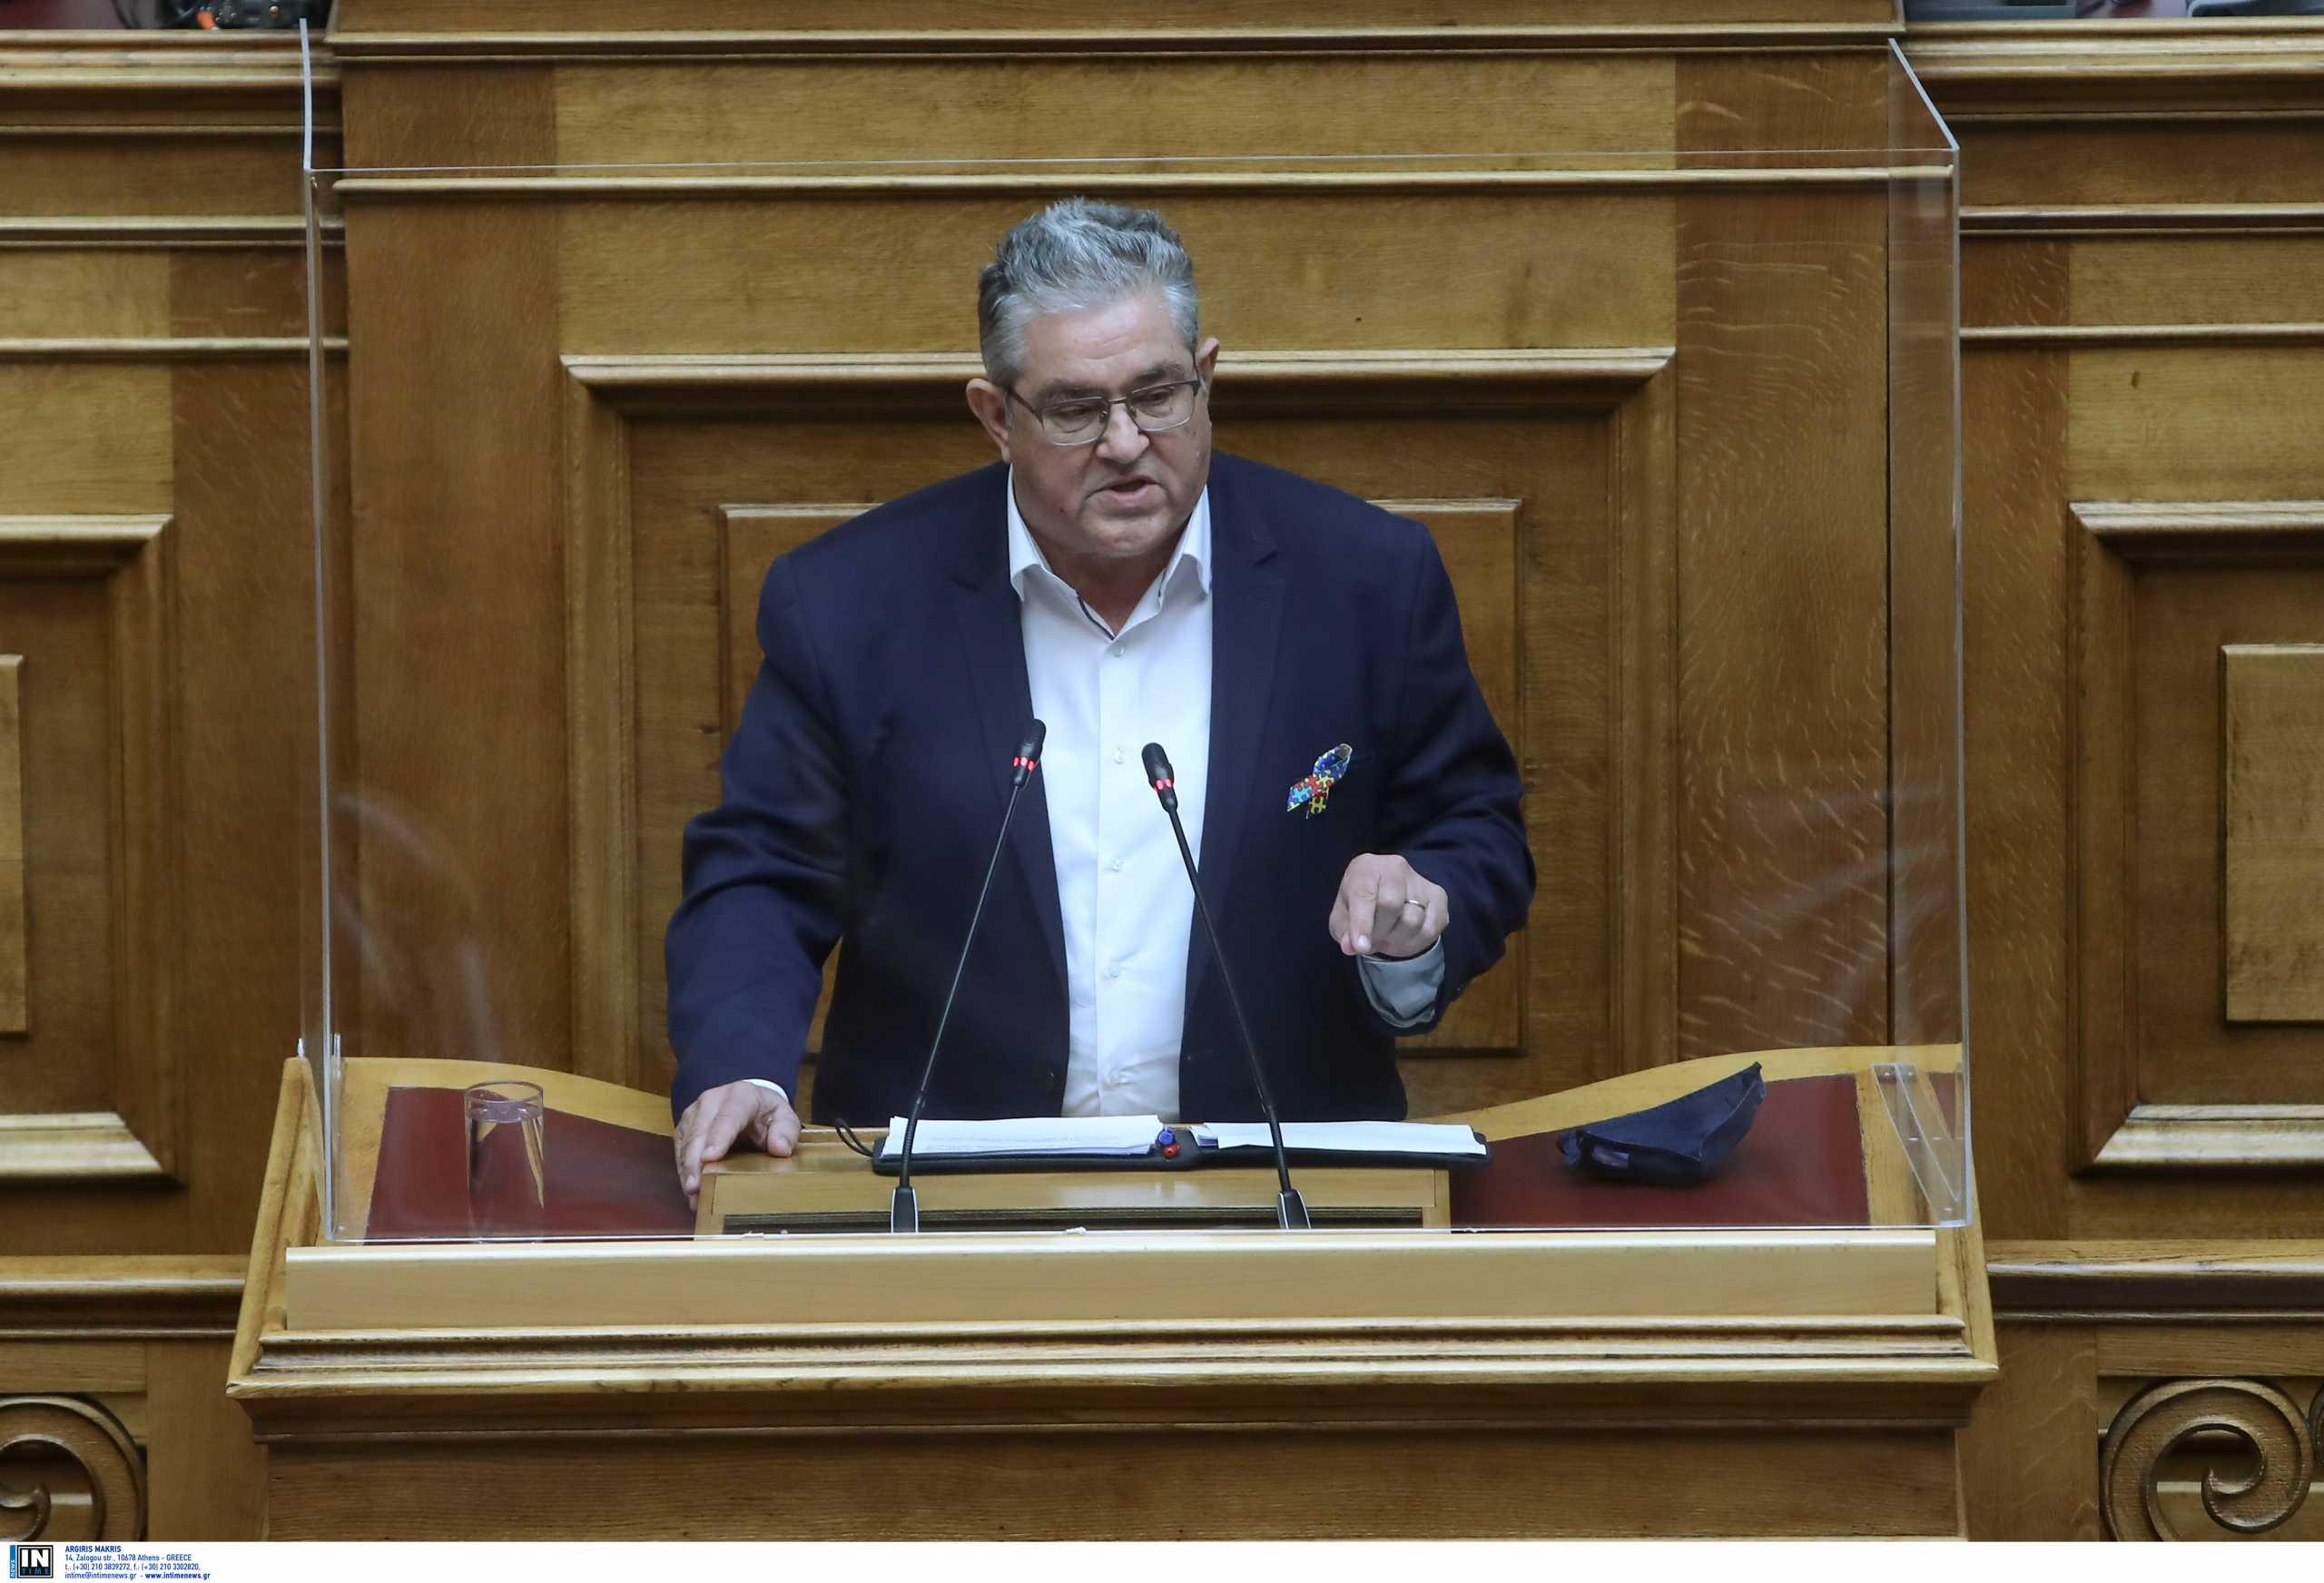 Κουτσούμπας: «Κριτήριο για τις επιλογές της κυβέρνησης οι ανάγκες της καπιταλιστικής κοινωνίας»